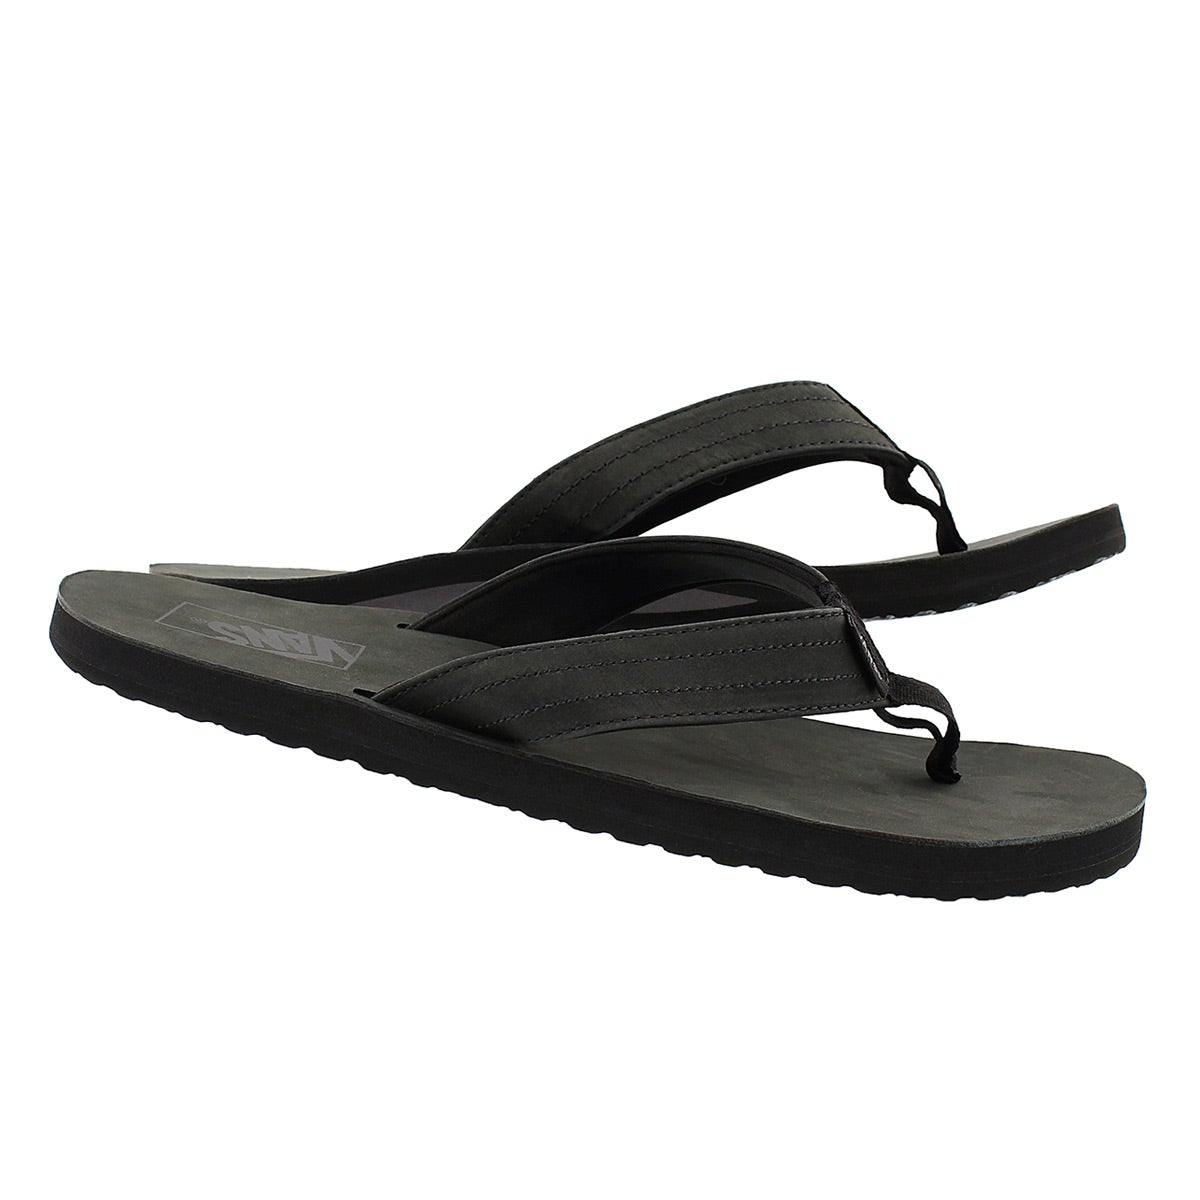 Sandale tong Lancaster, noir, hommes